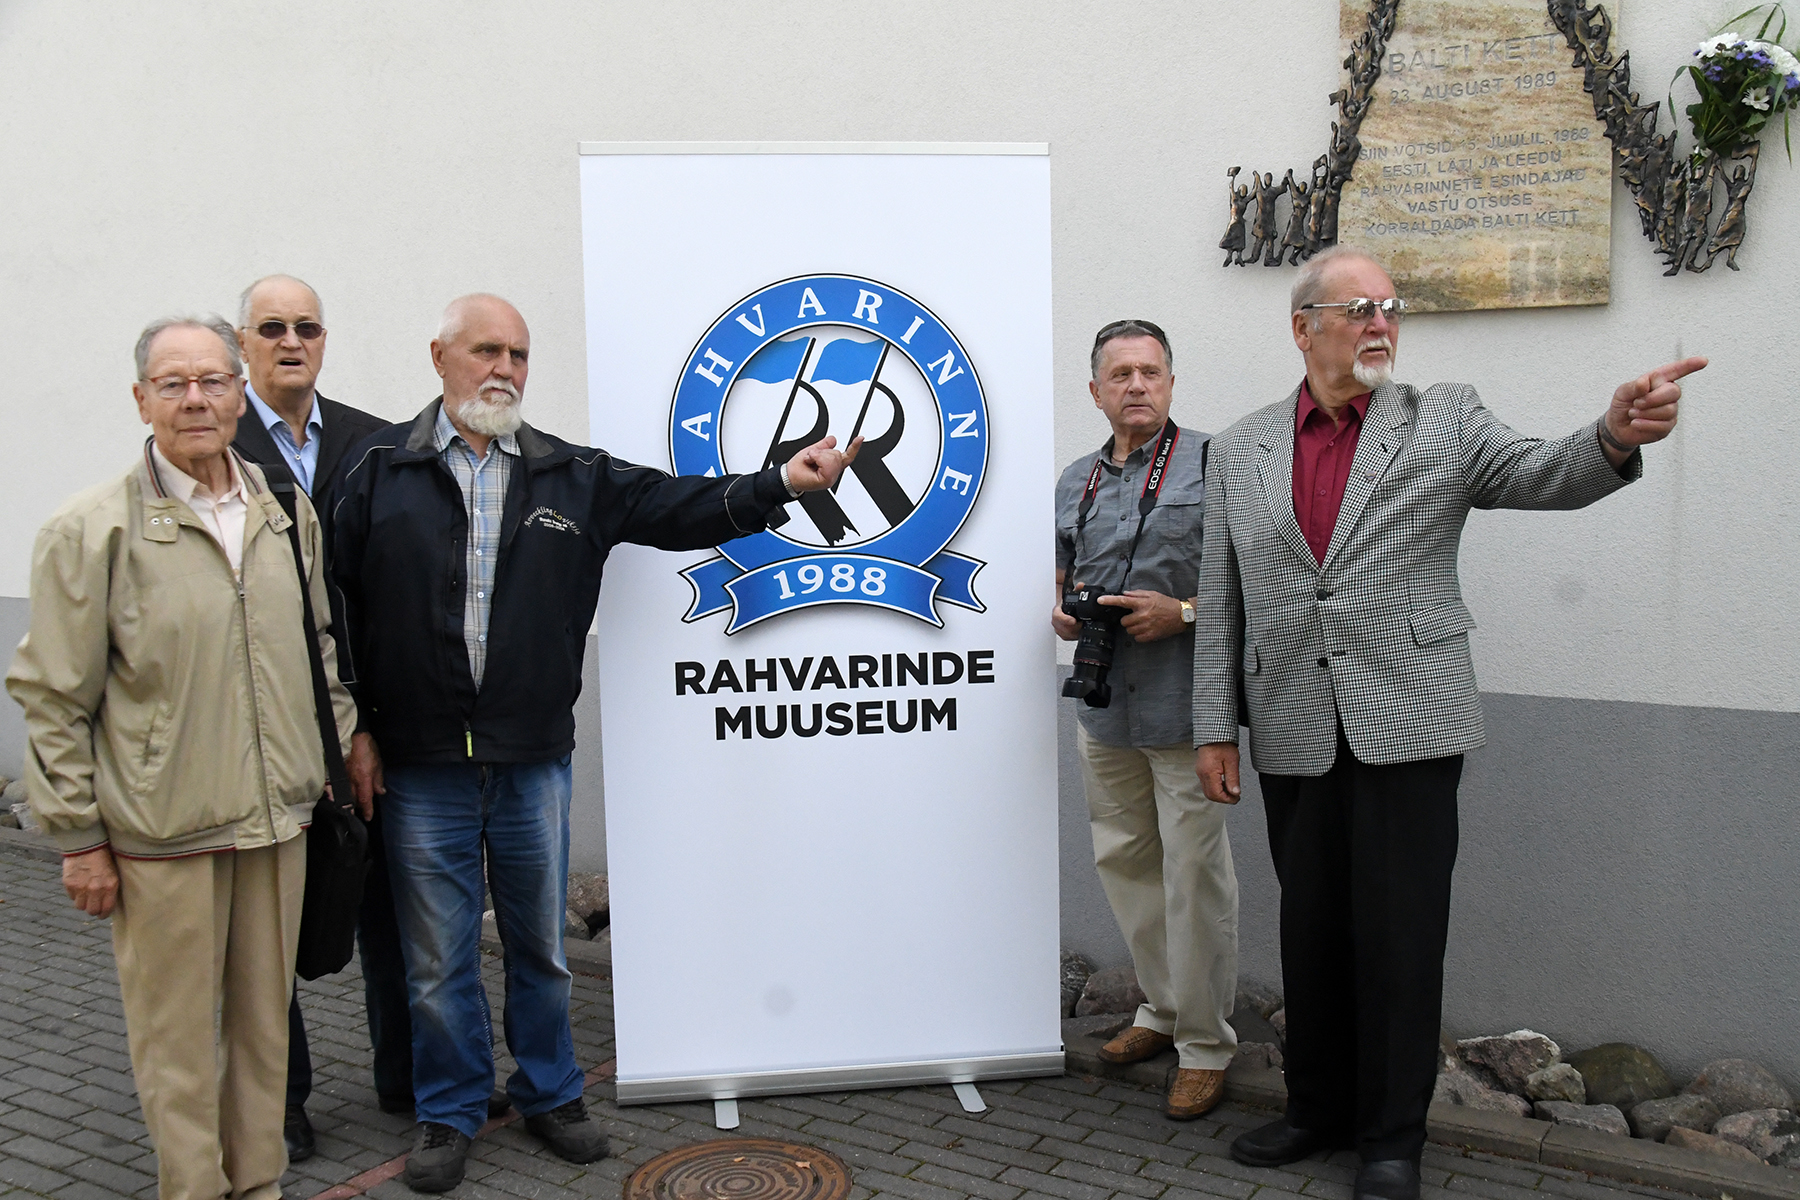 Balti keti otsustamise 30. aastapäeval Pärnus Aisa 39 maja juures, kus 2014. a 26. oktoobril avati olulist sündmust tähistav mälestustahvel. Foto Urmas Saard